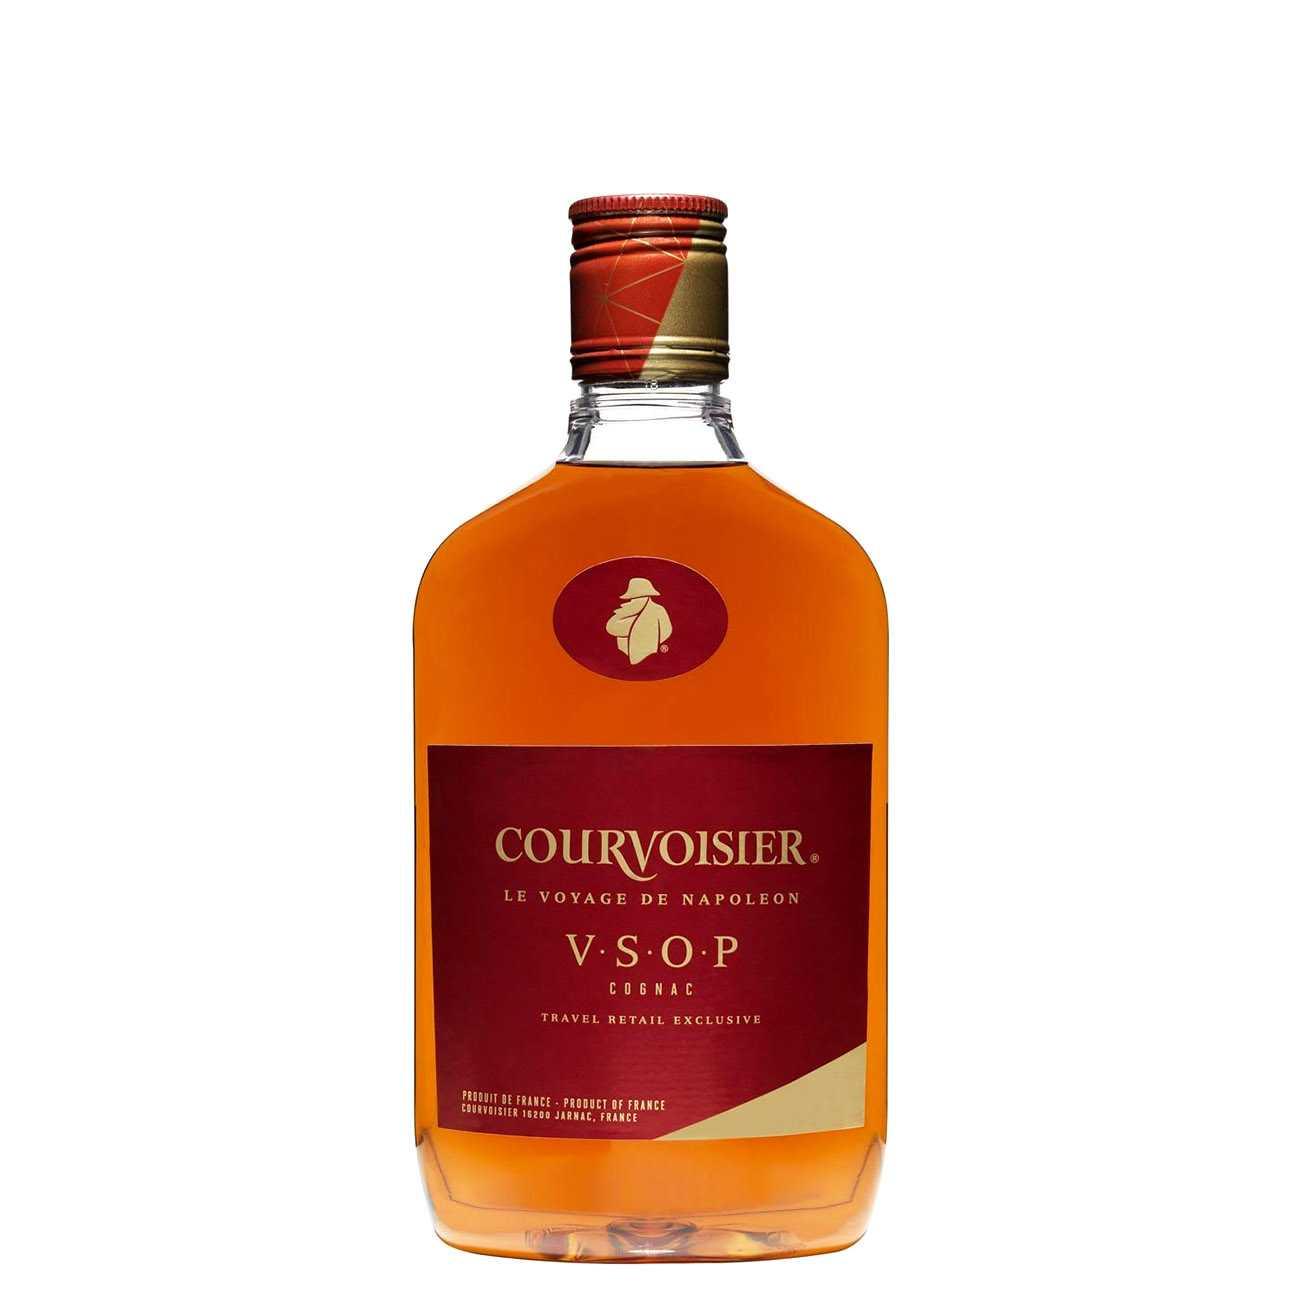 Coniac VSOP, VSOP LE VOYAGE DE NAPOLEON 500 ML, Courvoisier